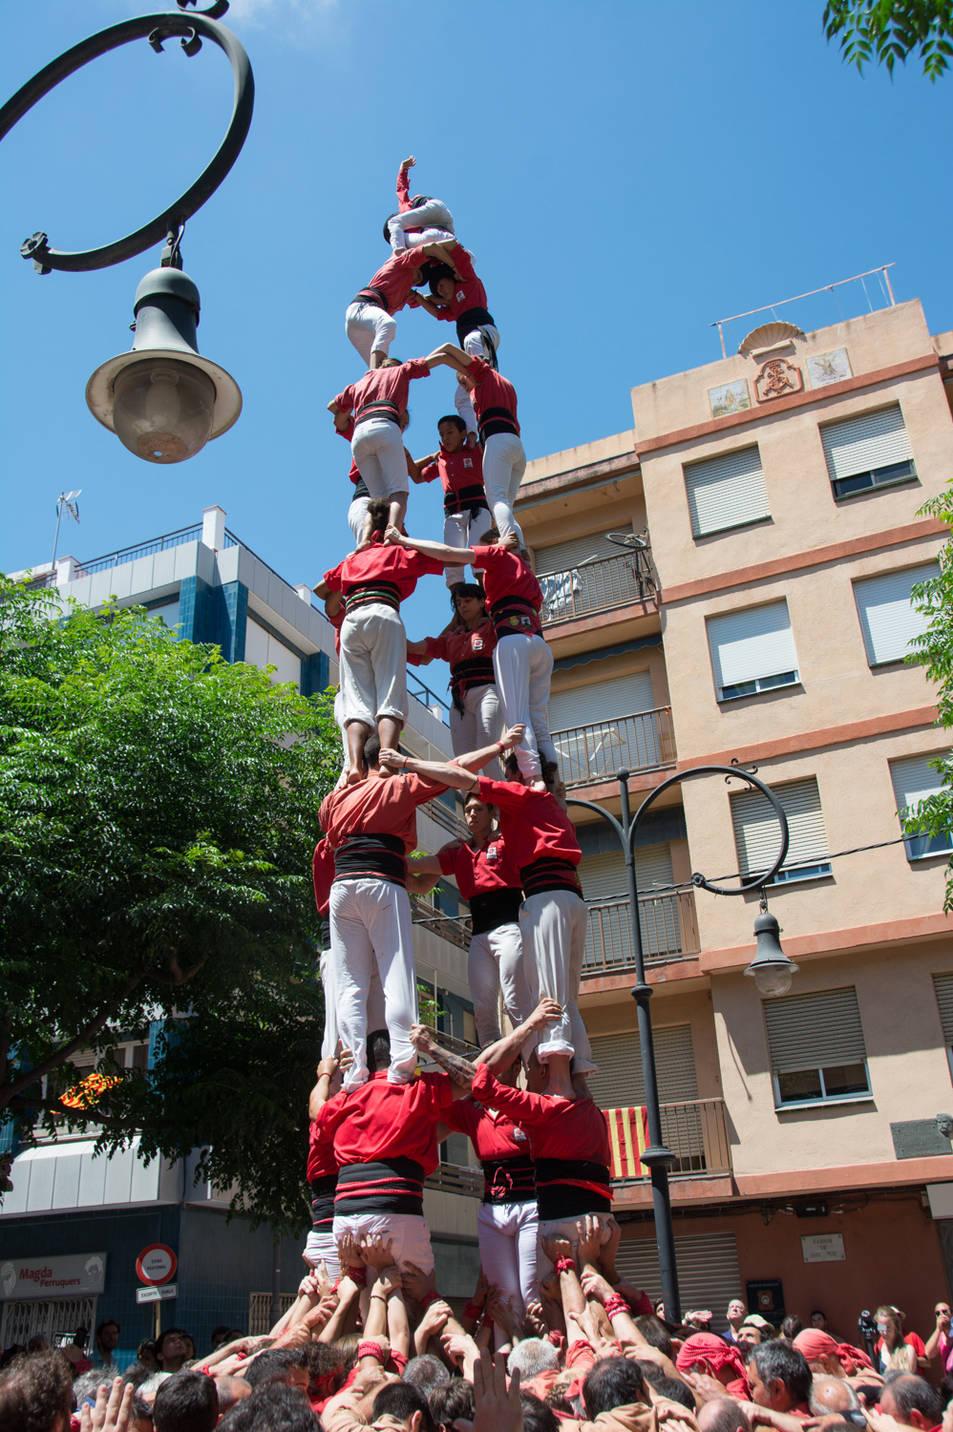 4de8 dels Castellers de Barcelona a la diada de la Verge del Carme.